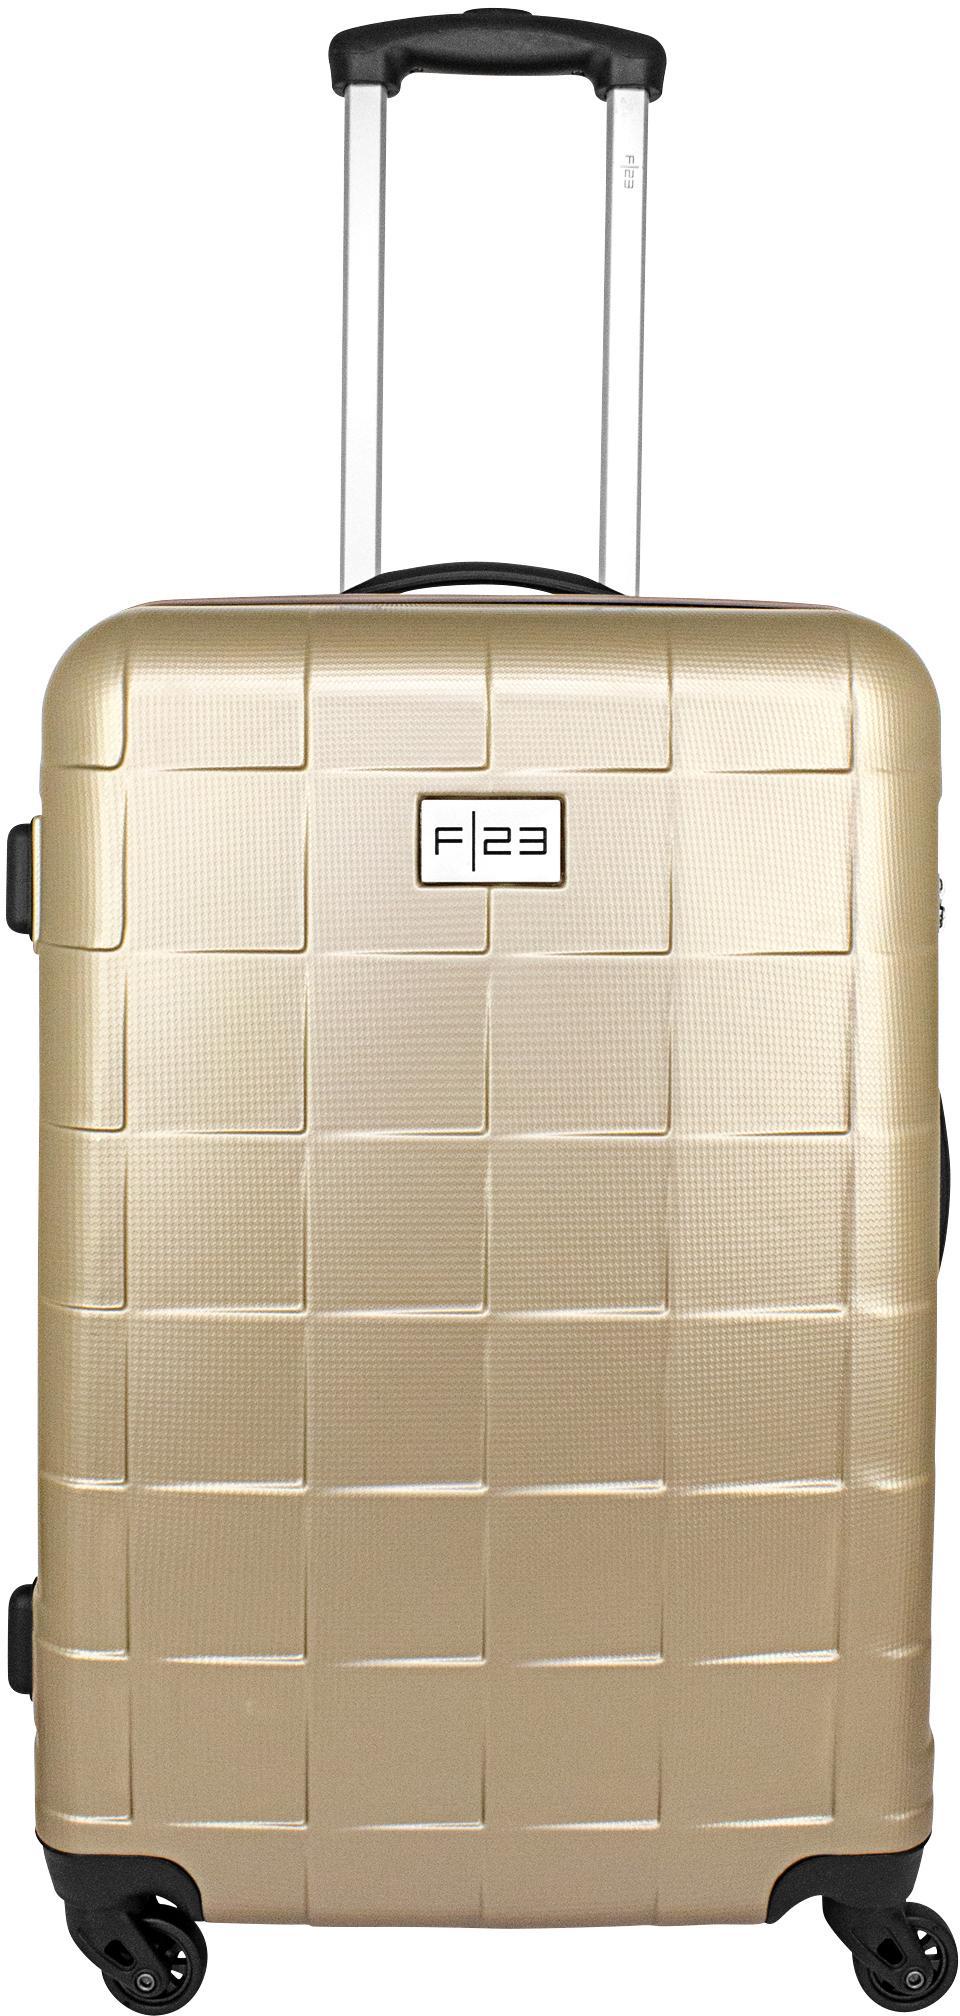 F23™ Hartschalen-Trolley Wave 3.0, 68 cm, ricegold, 4 Rollen   Taschen > Koffer & Trolleys > Trolleys   Goldfarben   F23